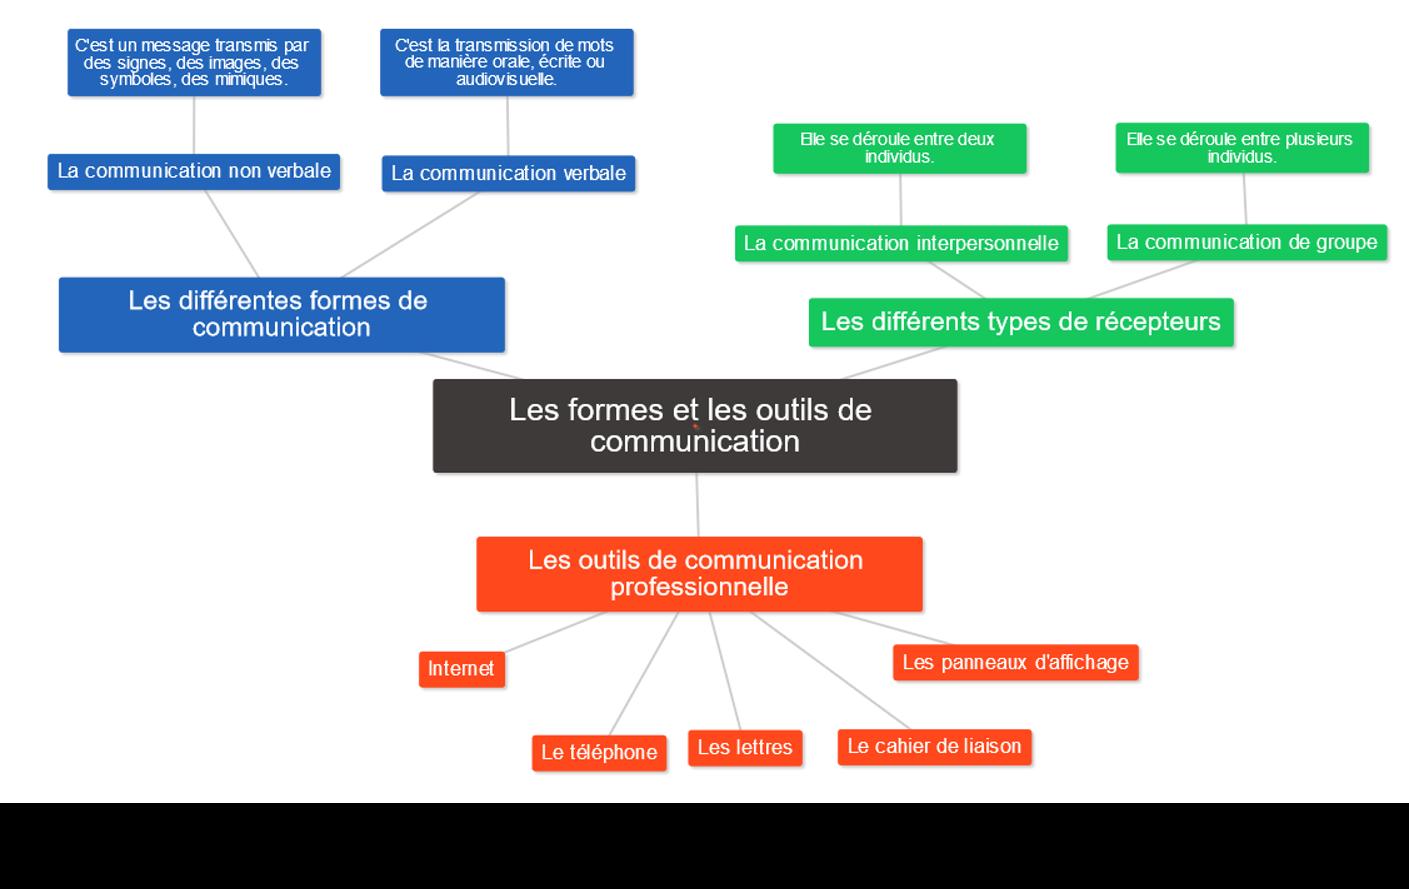 Formes et outils de communication